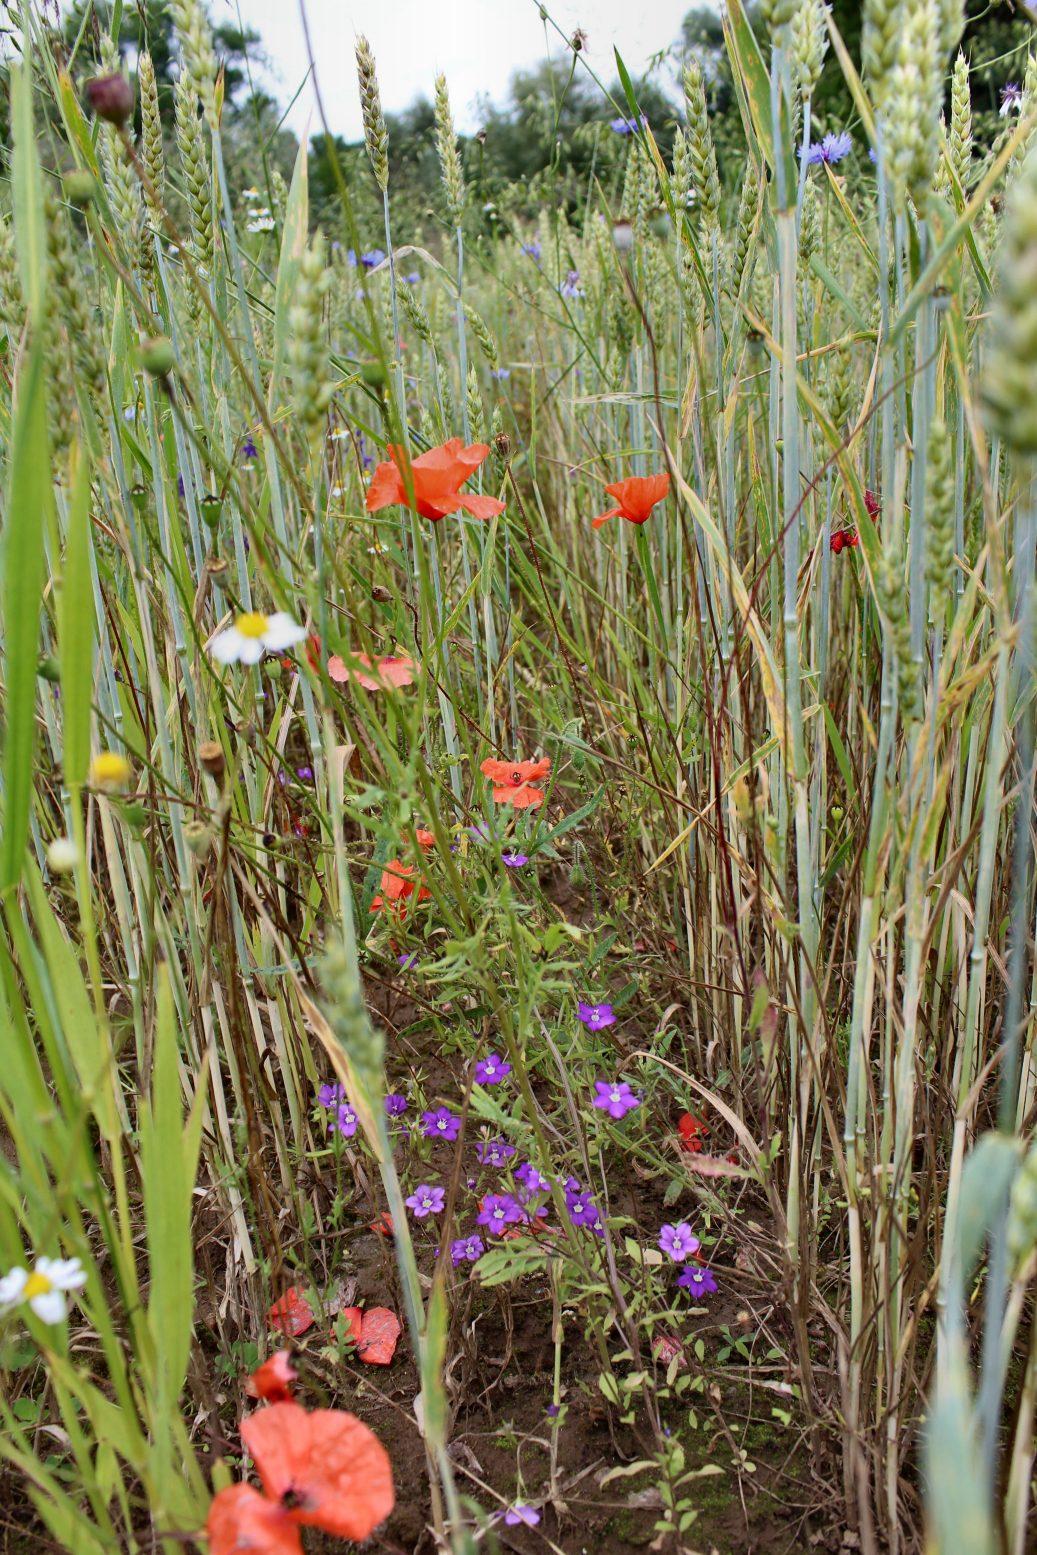 Blumenbunt zwischen dem Getreide: Kamille, Frauenspiegel, Mohn (Bild: K. Weddeling)